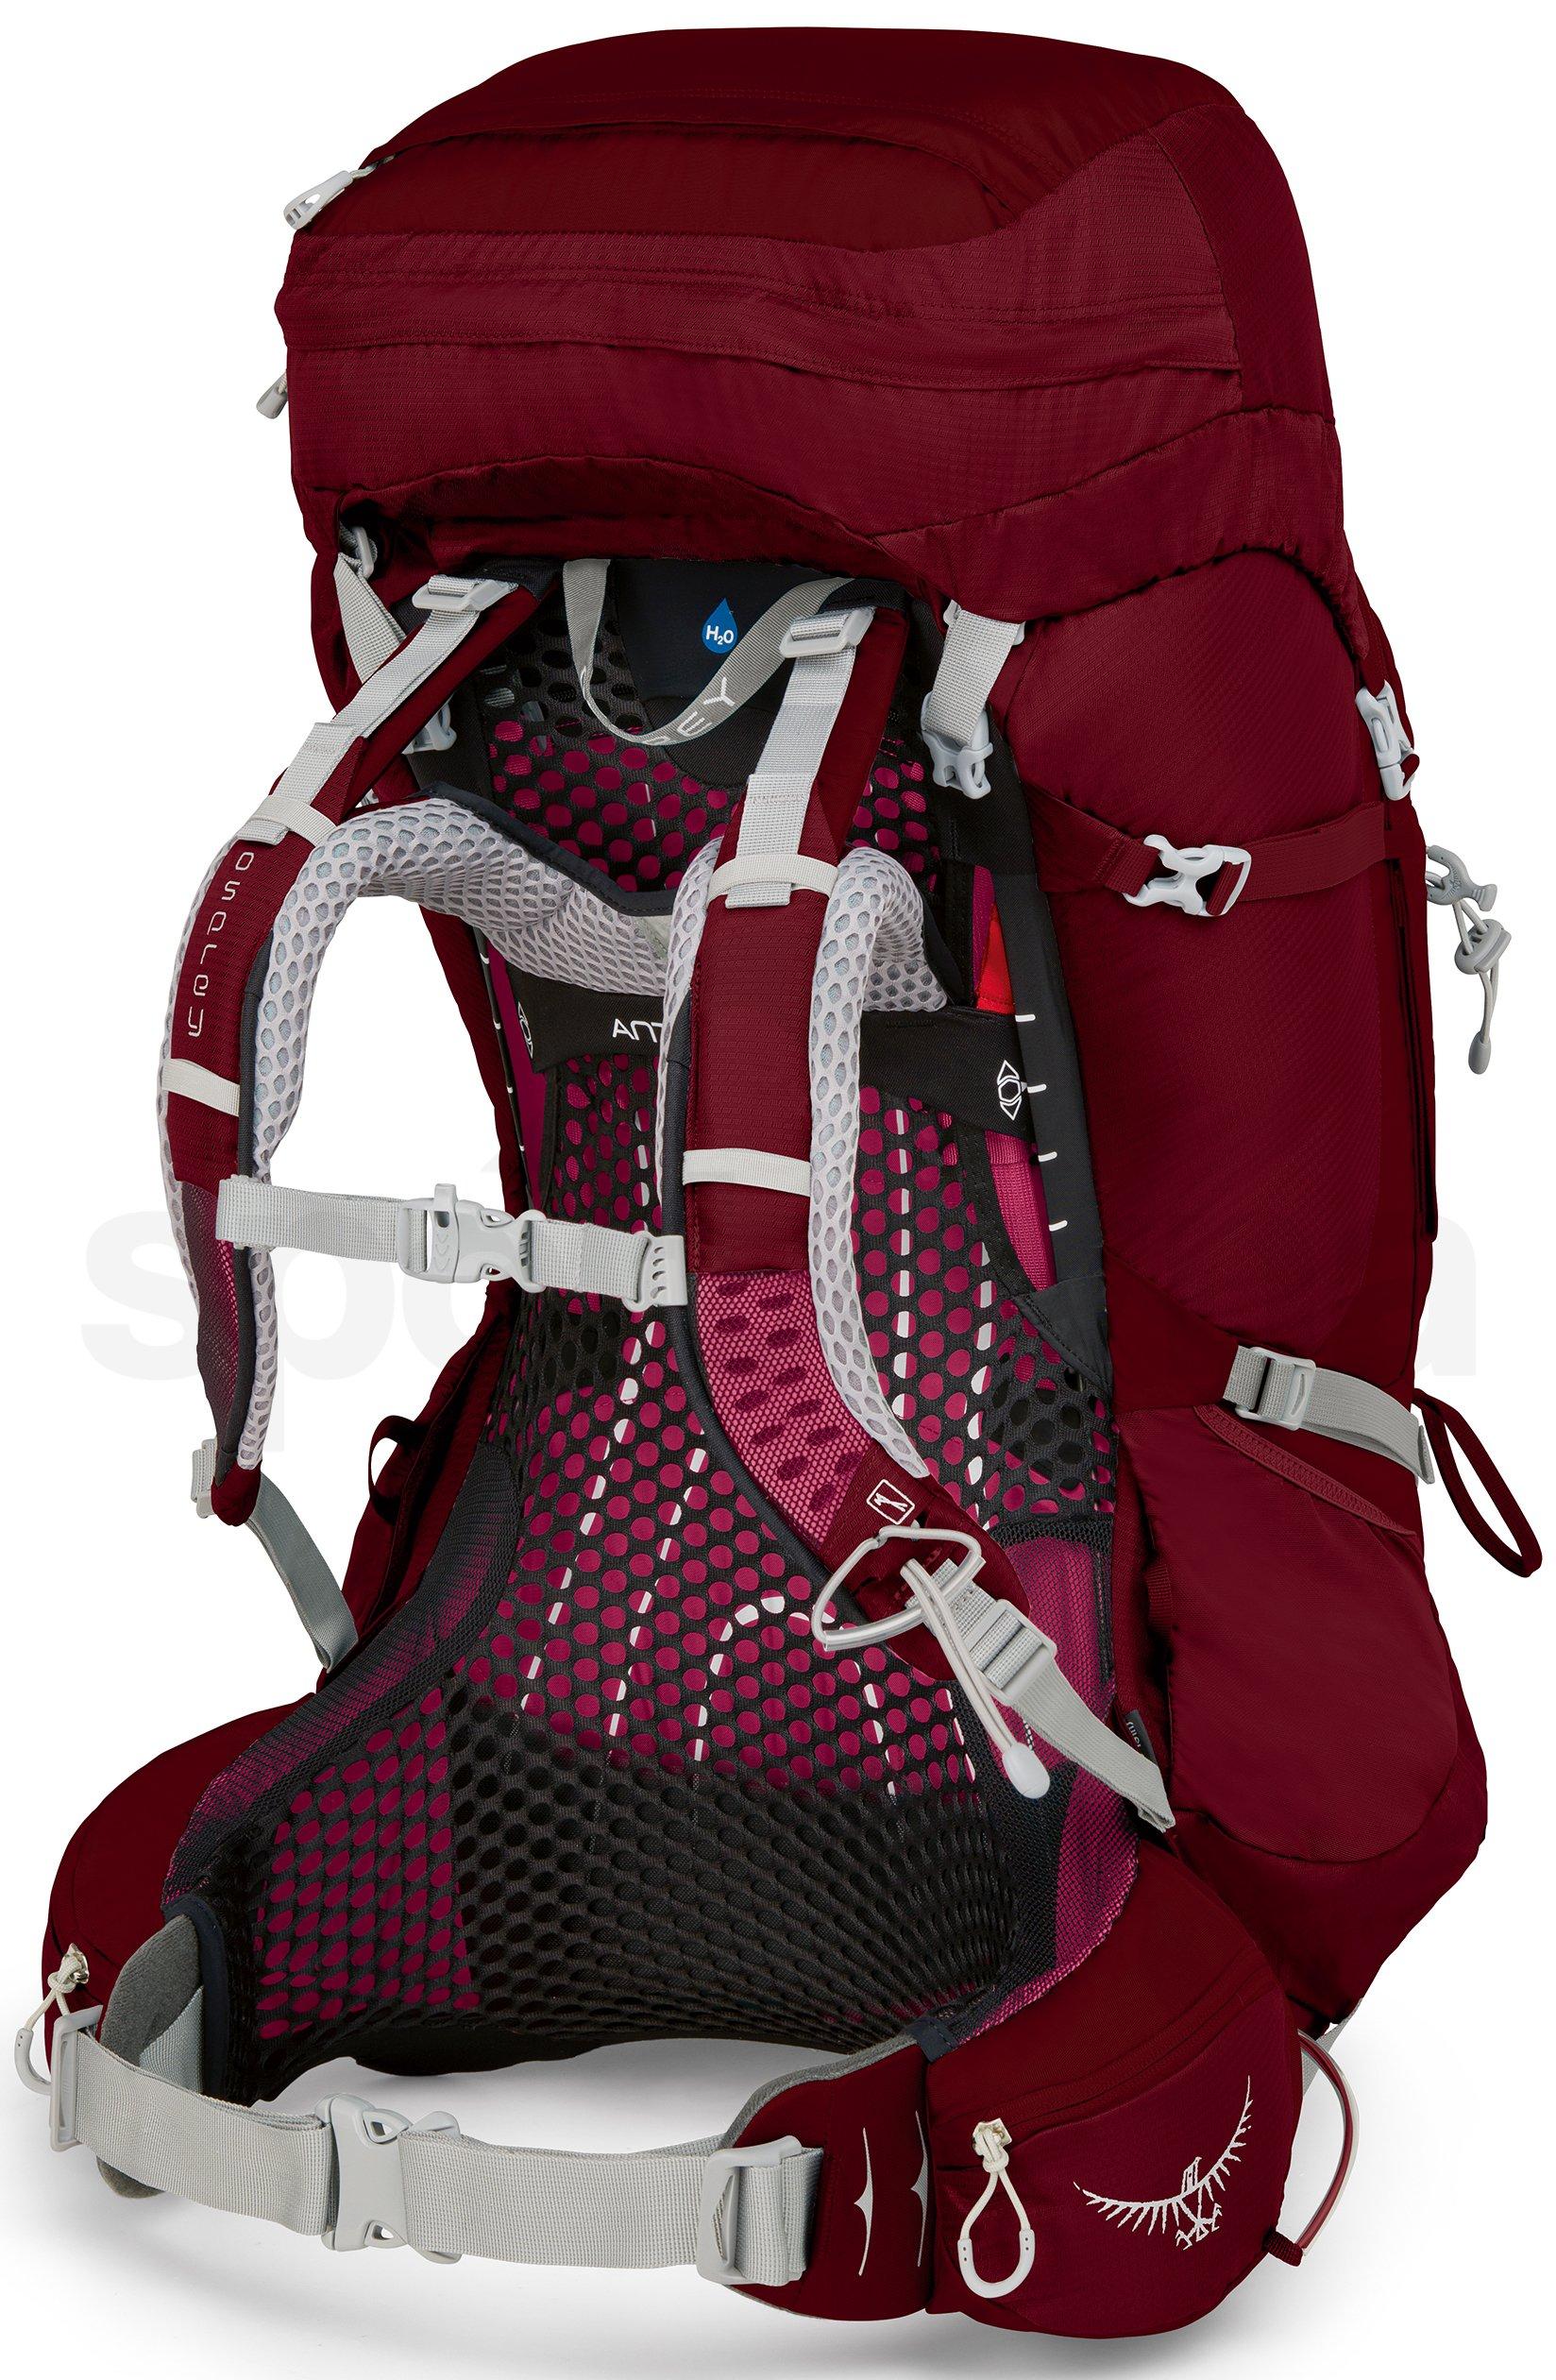 6c3eba9f9d Dámský turistický batoh Osprey Aura AG 65 II - gamma red - Sportovna